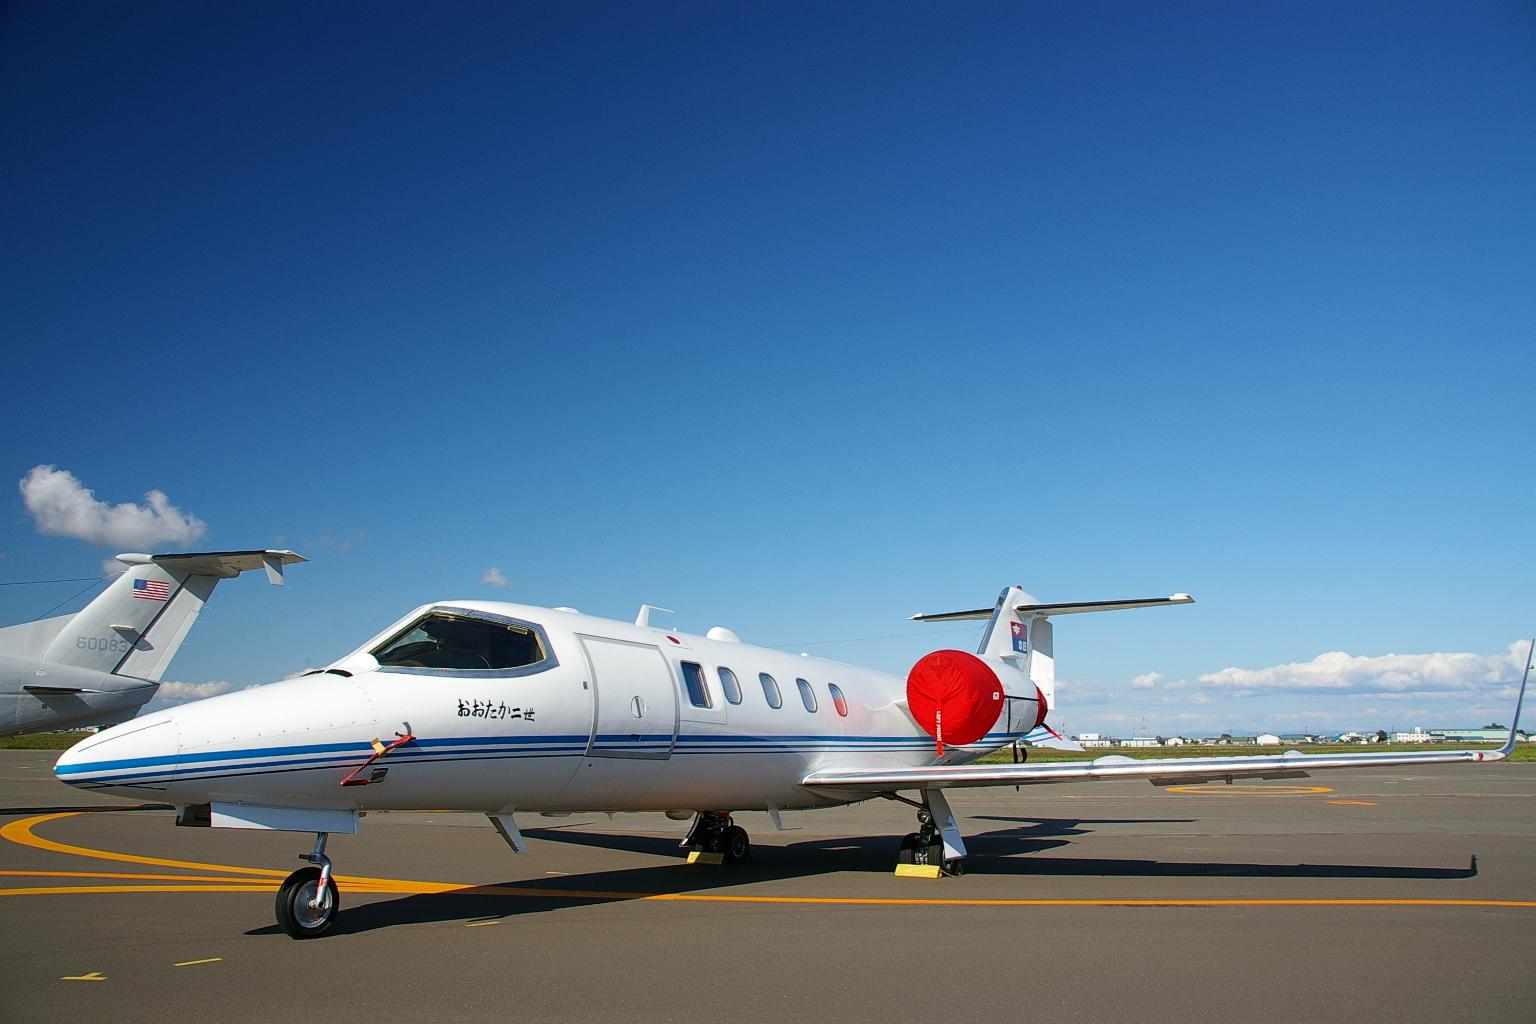 File:Learjet 31A.JPG